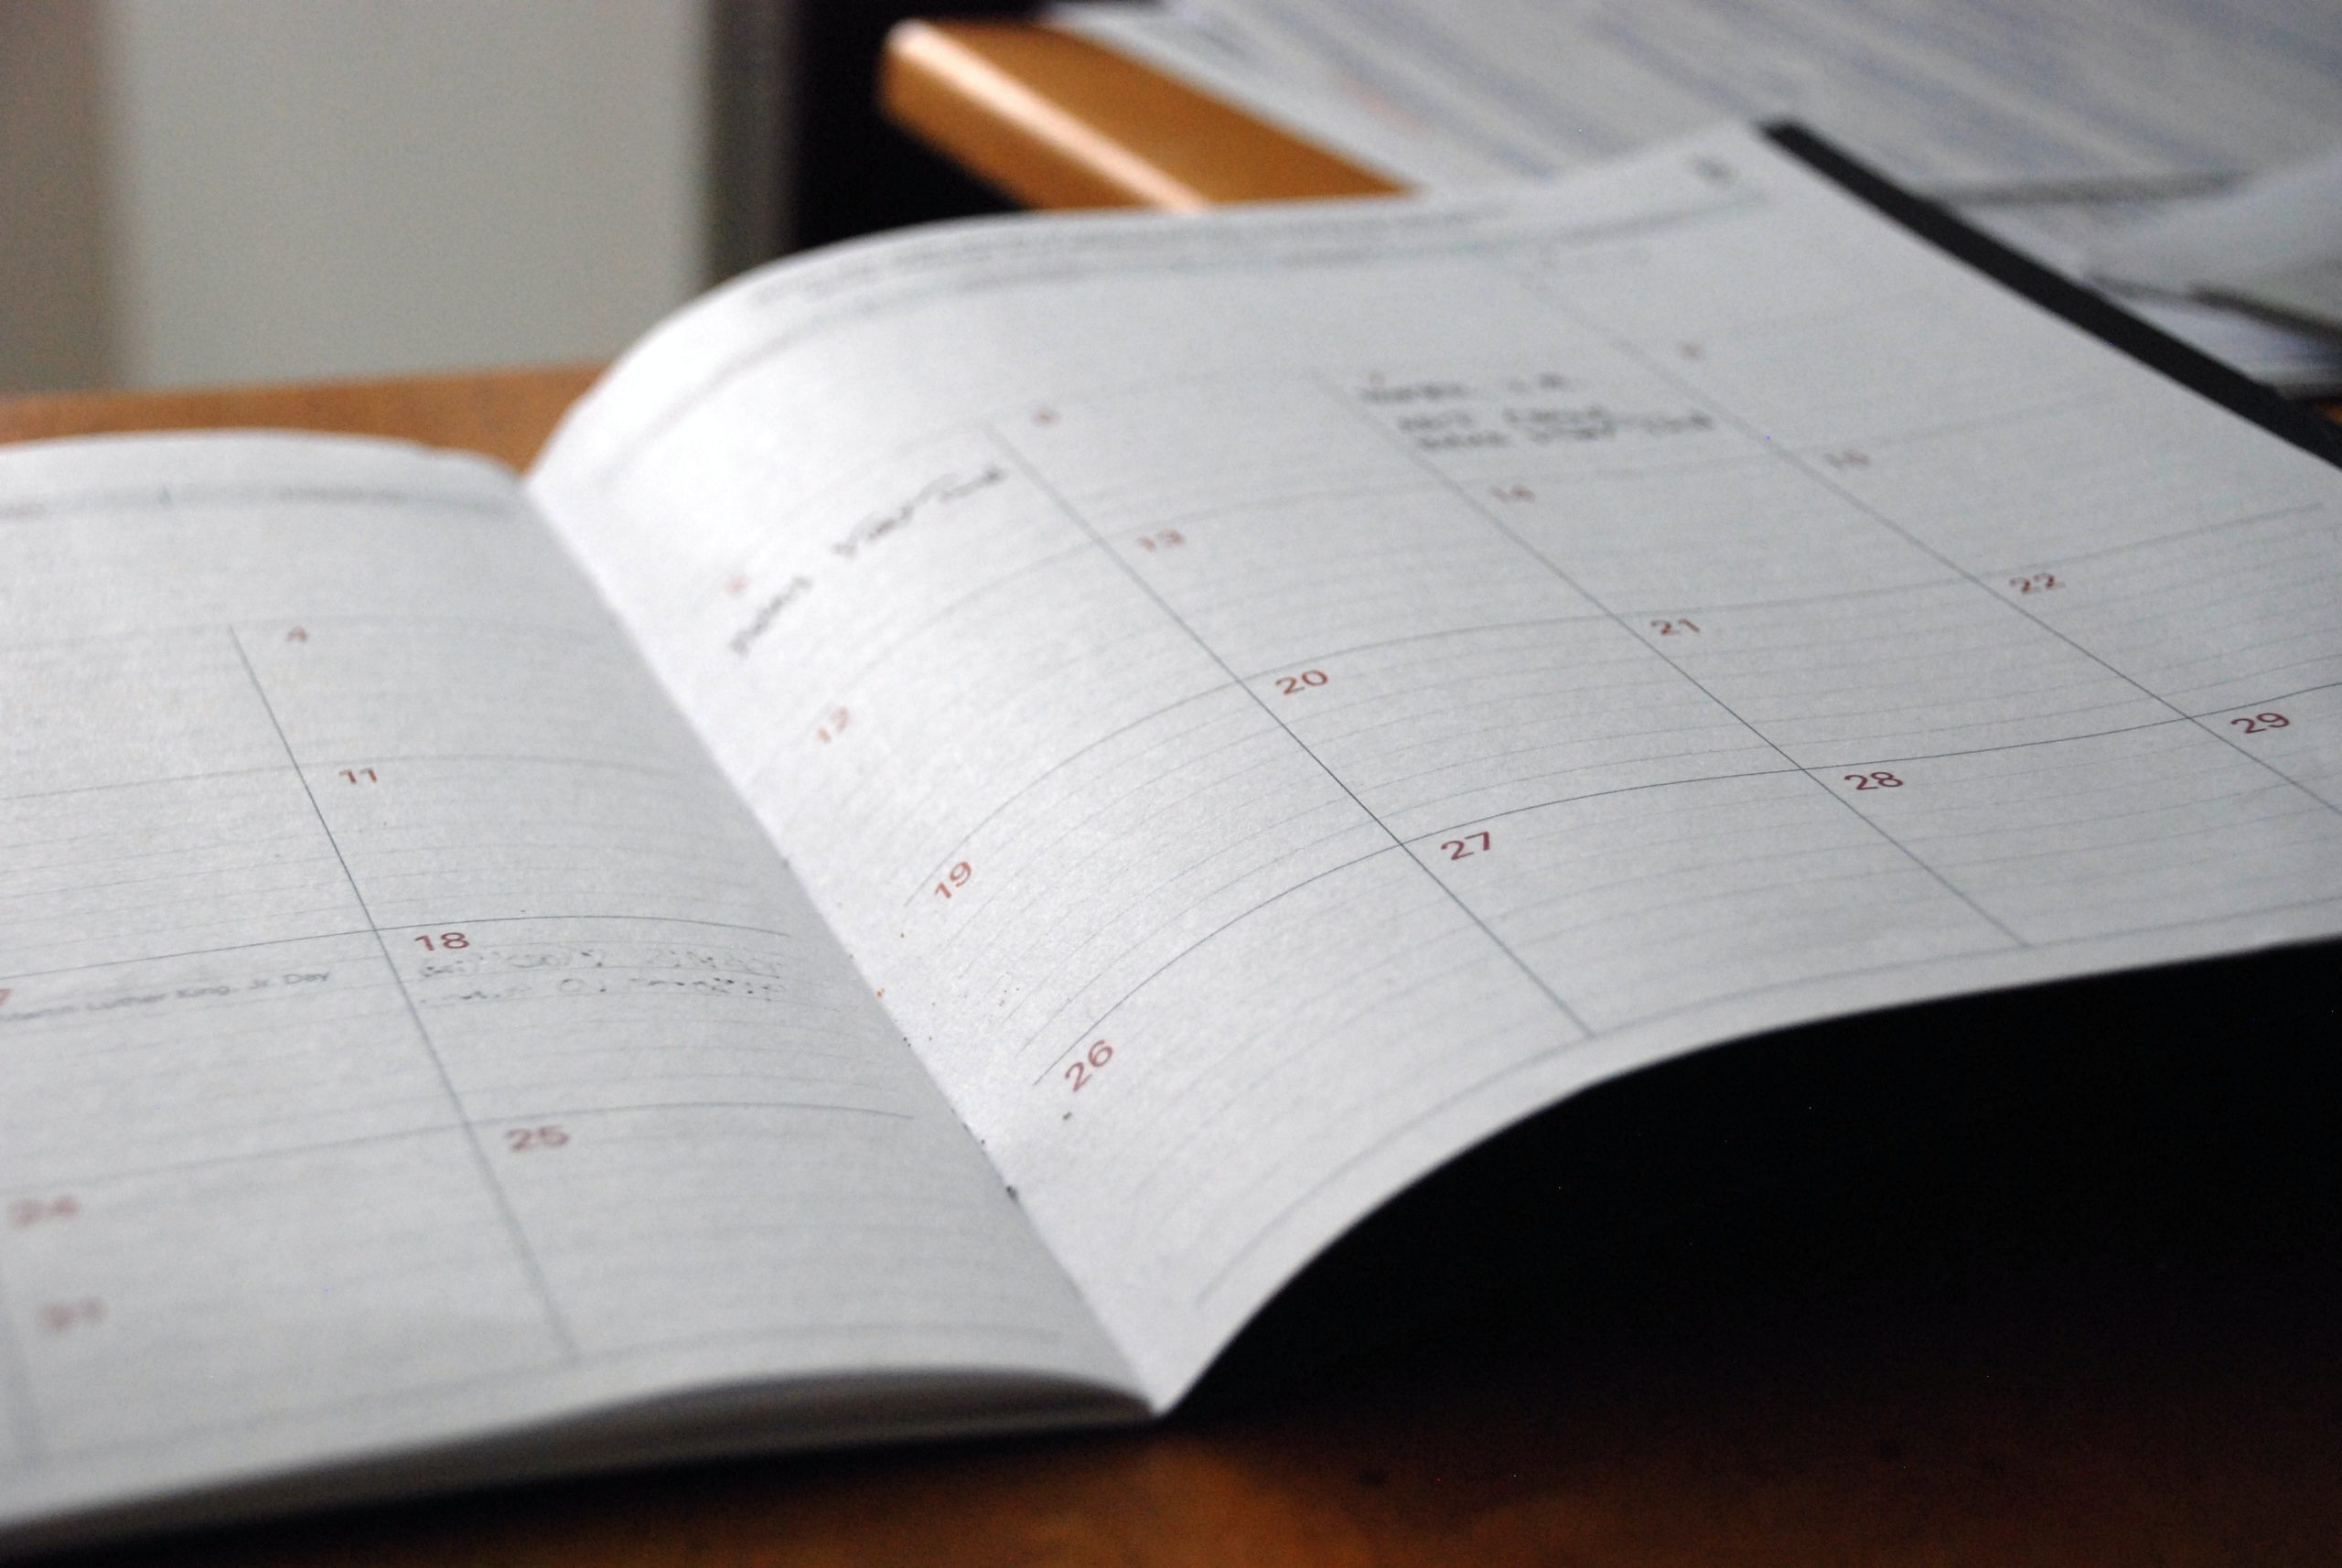 Urlaub: Wieviel Urlaub steht mir ab 2021 laut Tarif in der Zeitarbeit zu?